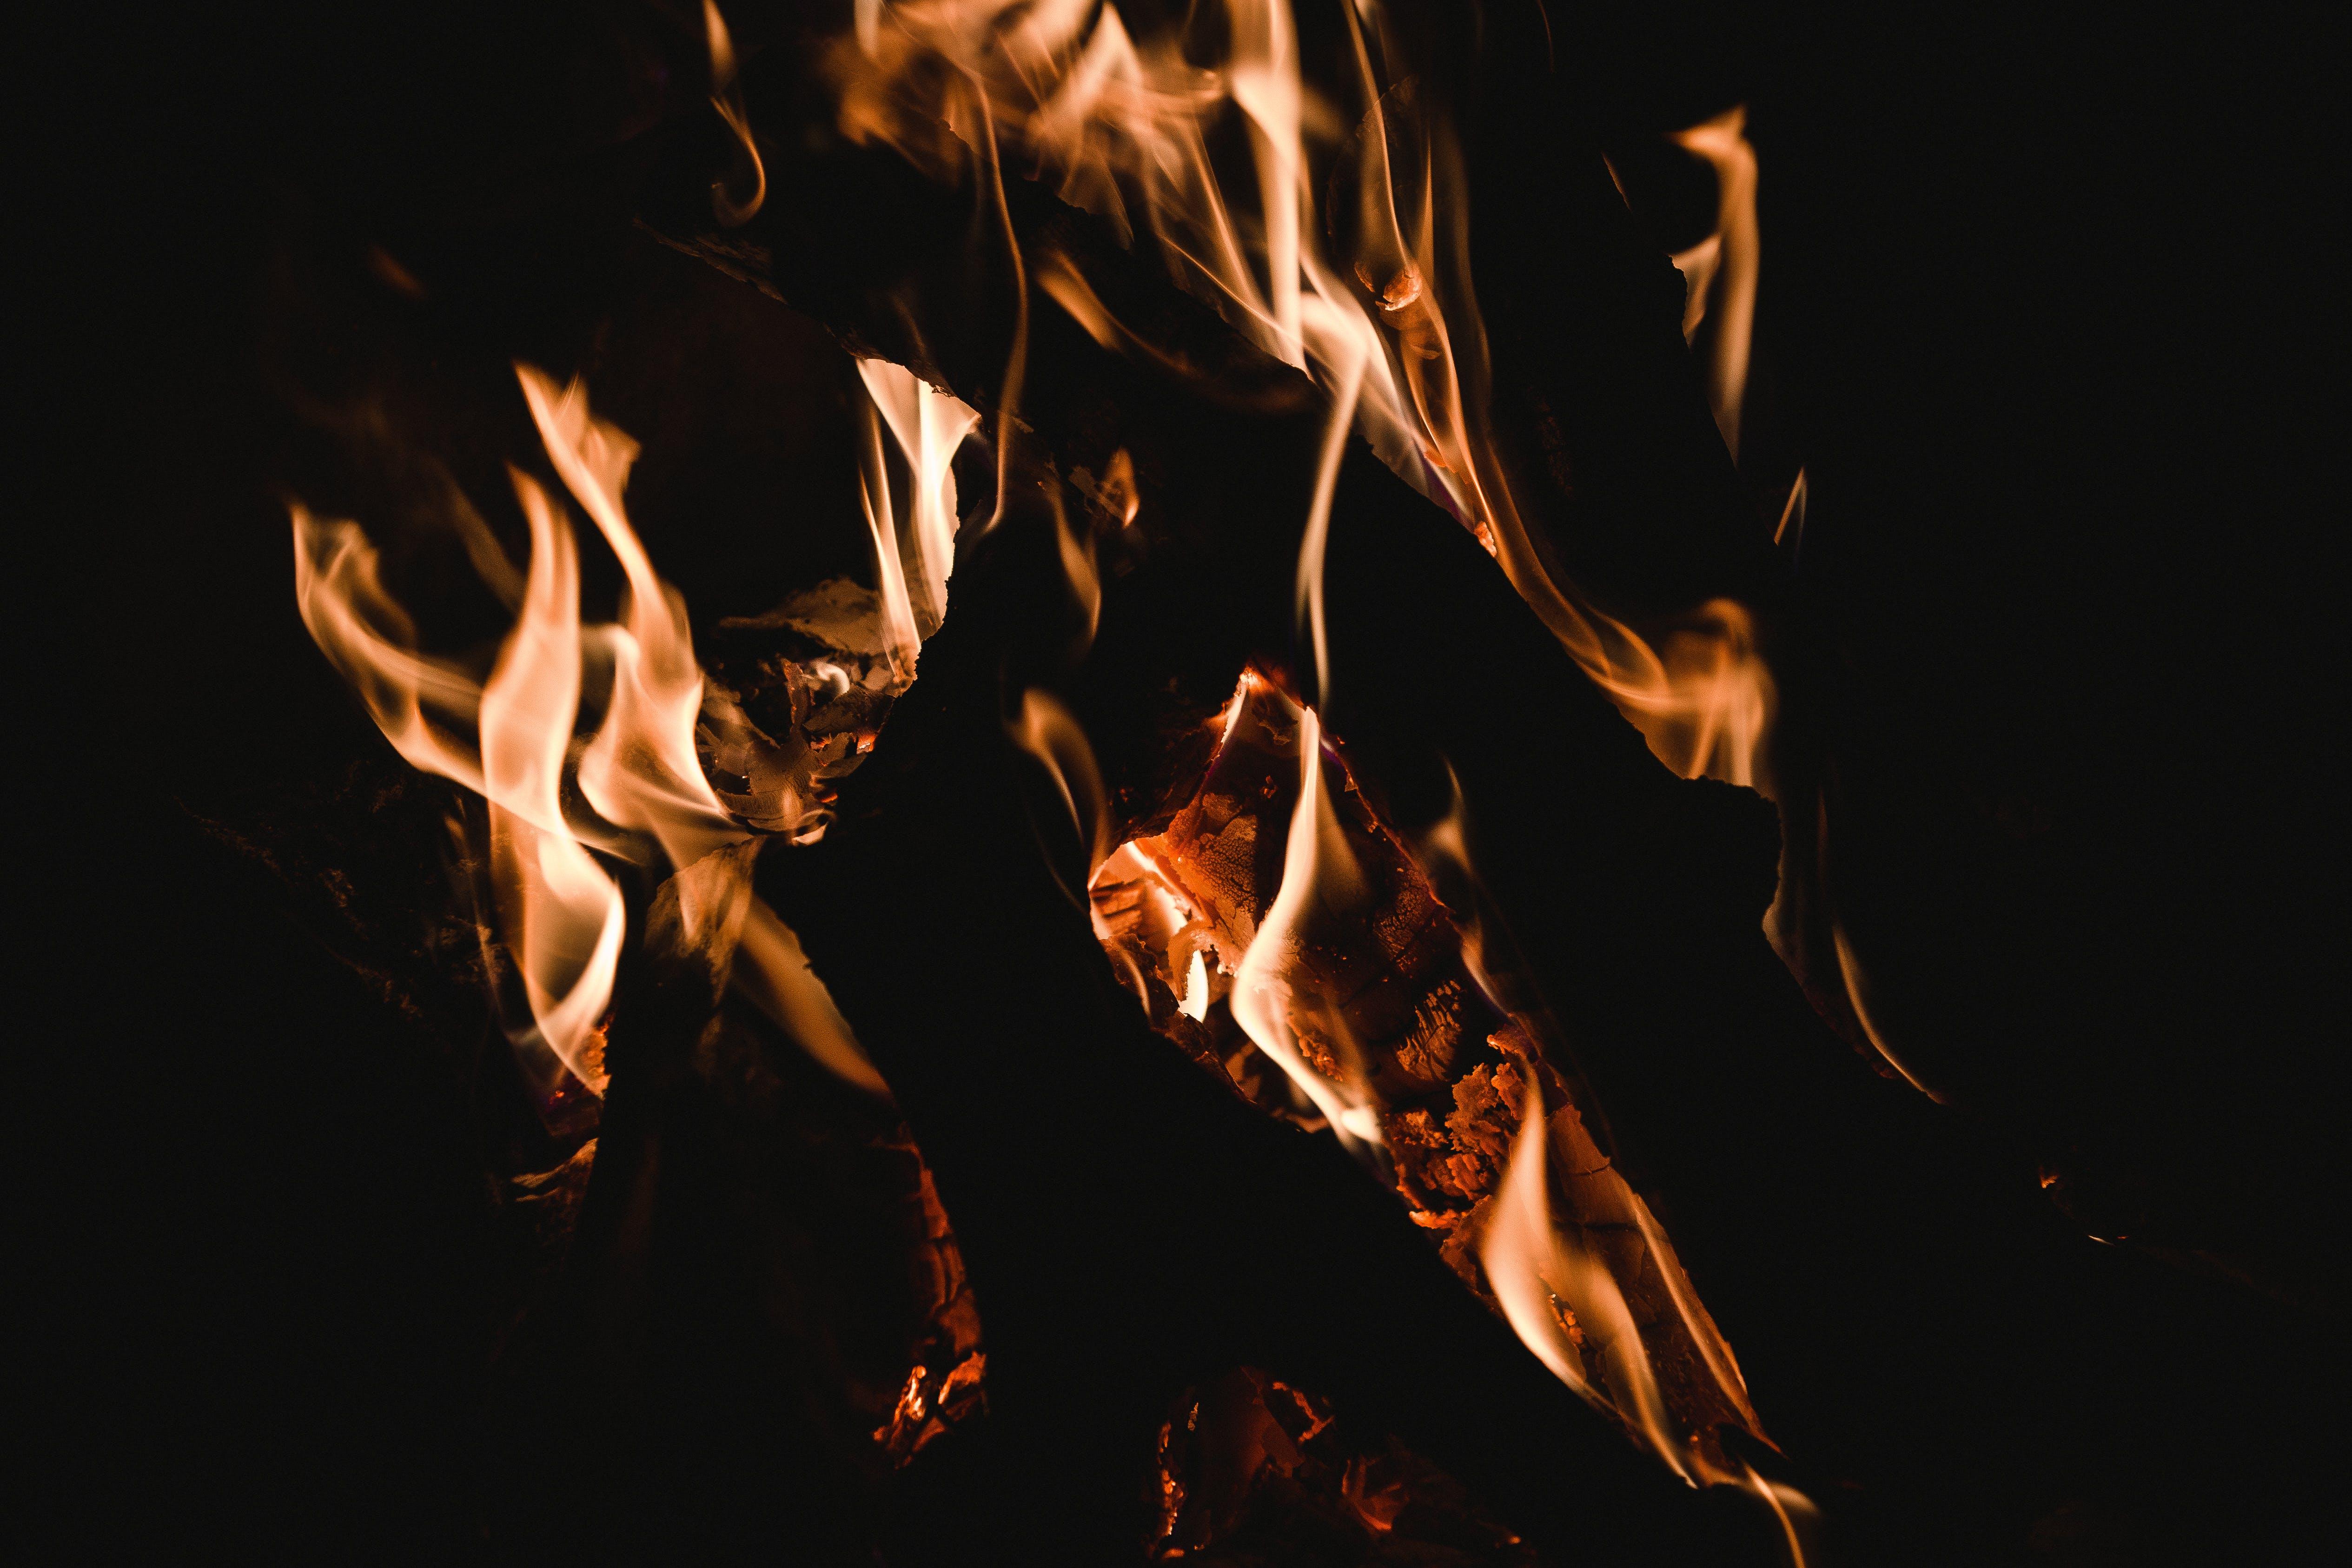 Foto d'estoc gratuïta de atractiu, calor, cremant, cremar